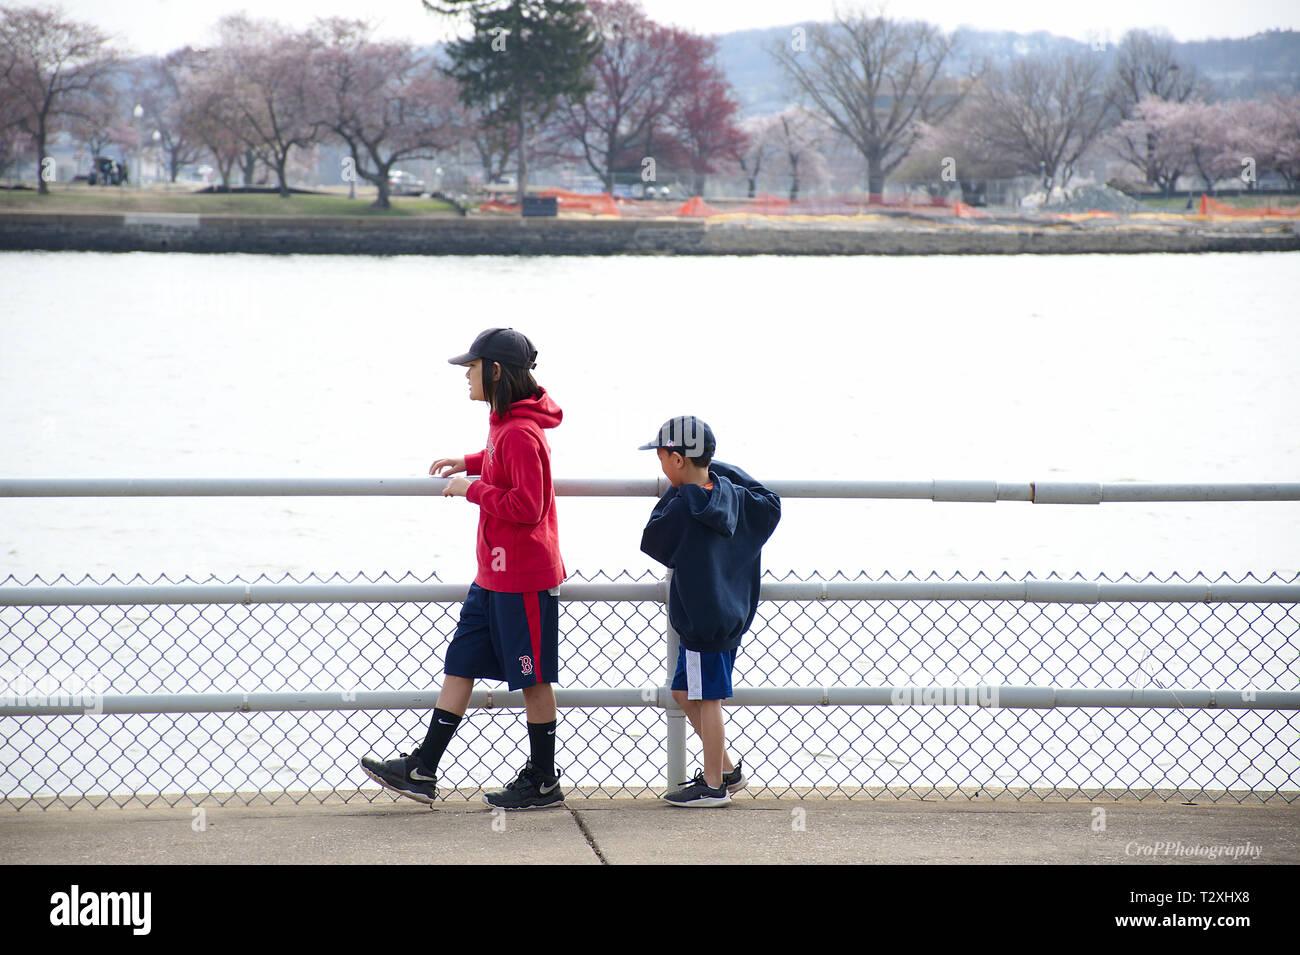 Deux jeunes qui se promenaient dans balustrade près de l'eau Photo Stock